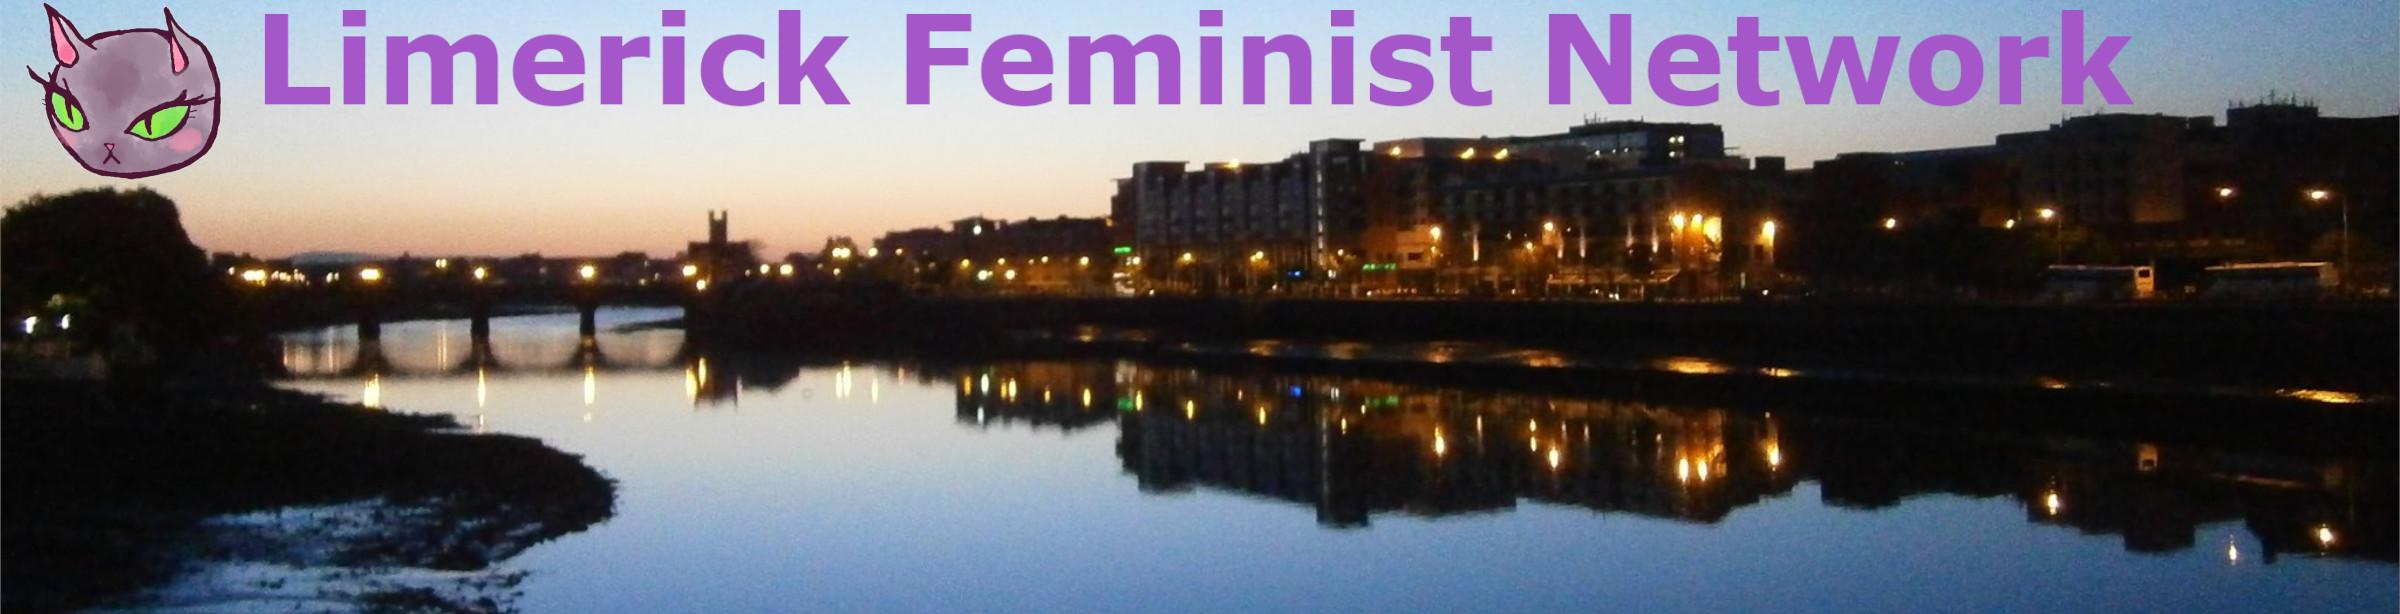 Limerick Feminist Network